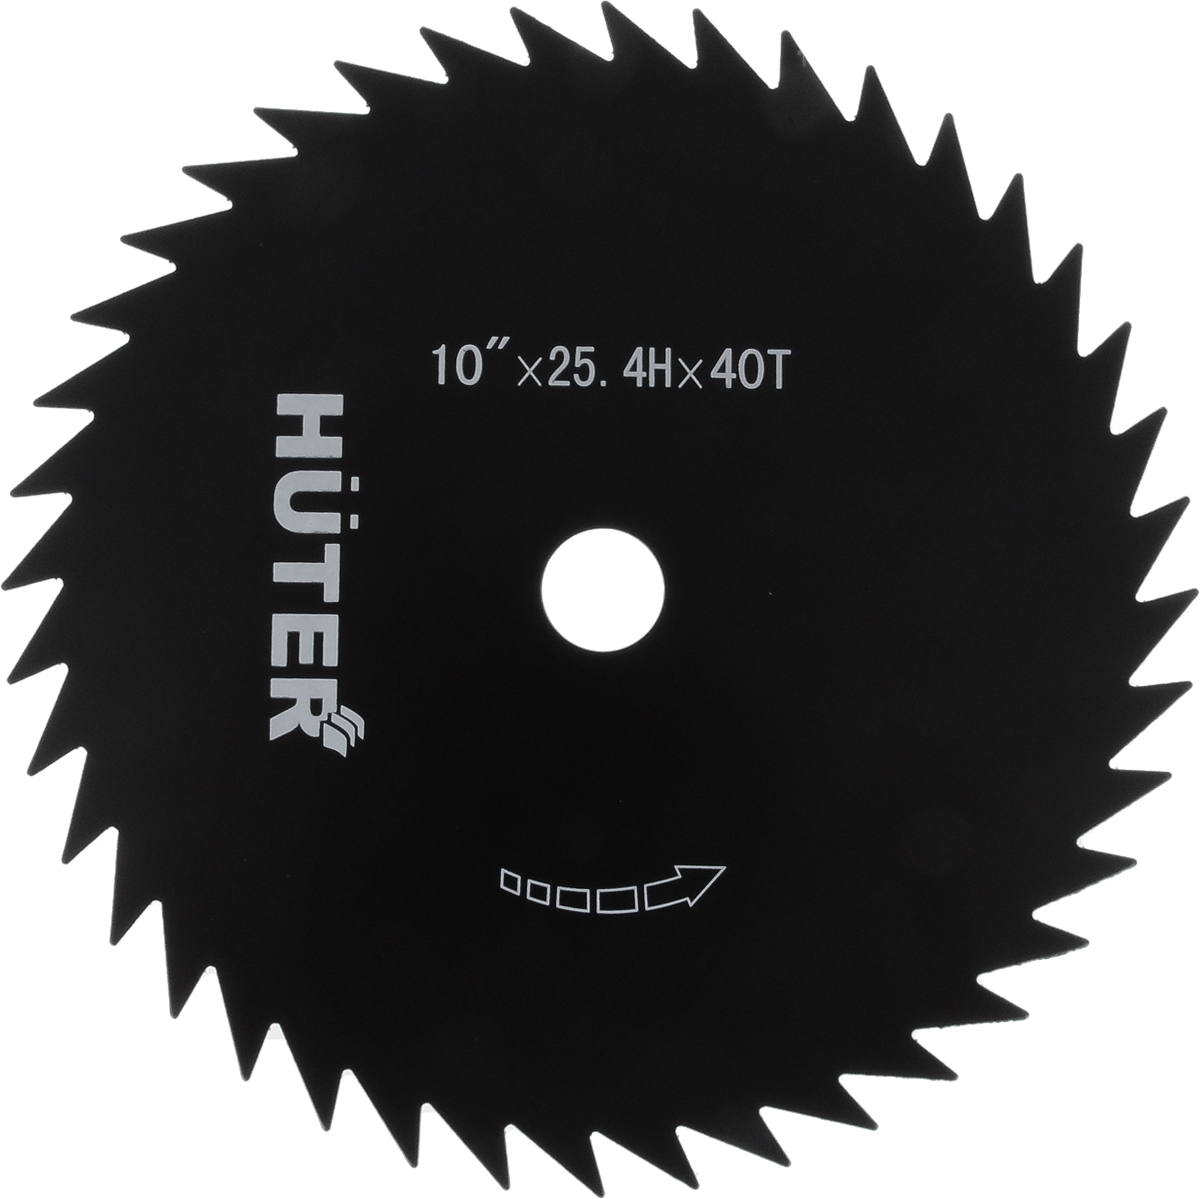 Диск-лезвие Huter GTD-40T, ширина скоса 255 мм вилка амортизационная rst capa t для 20 ход 50 мм под диск